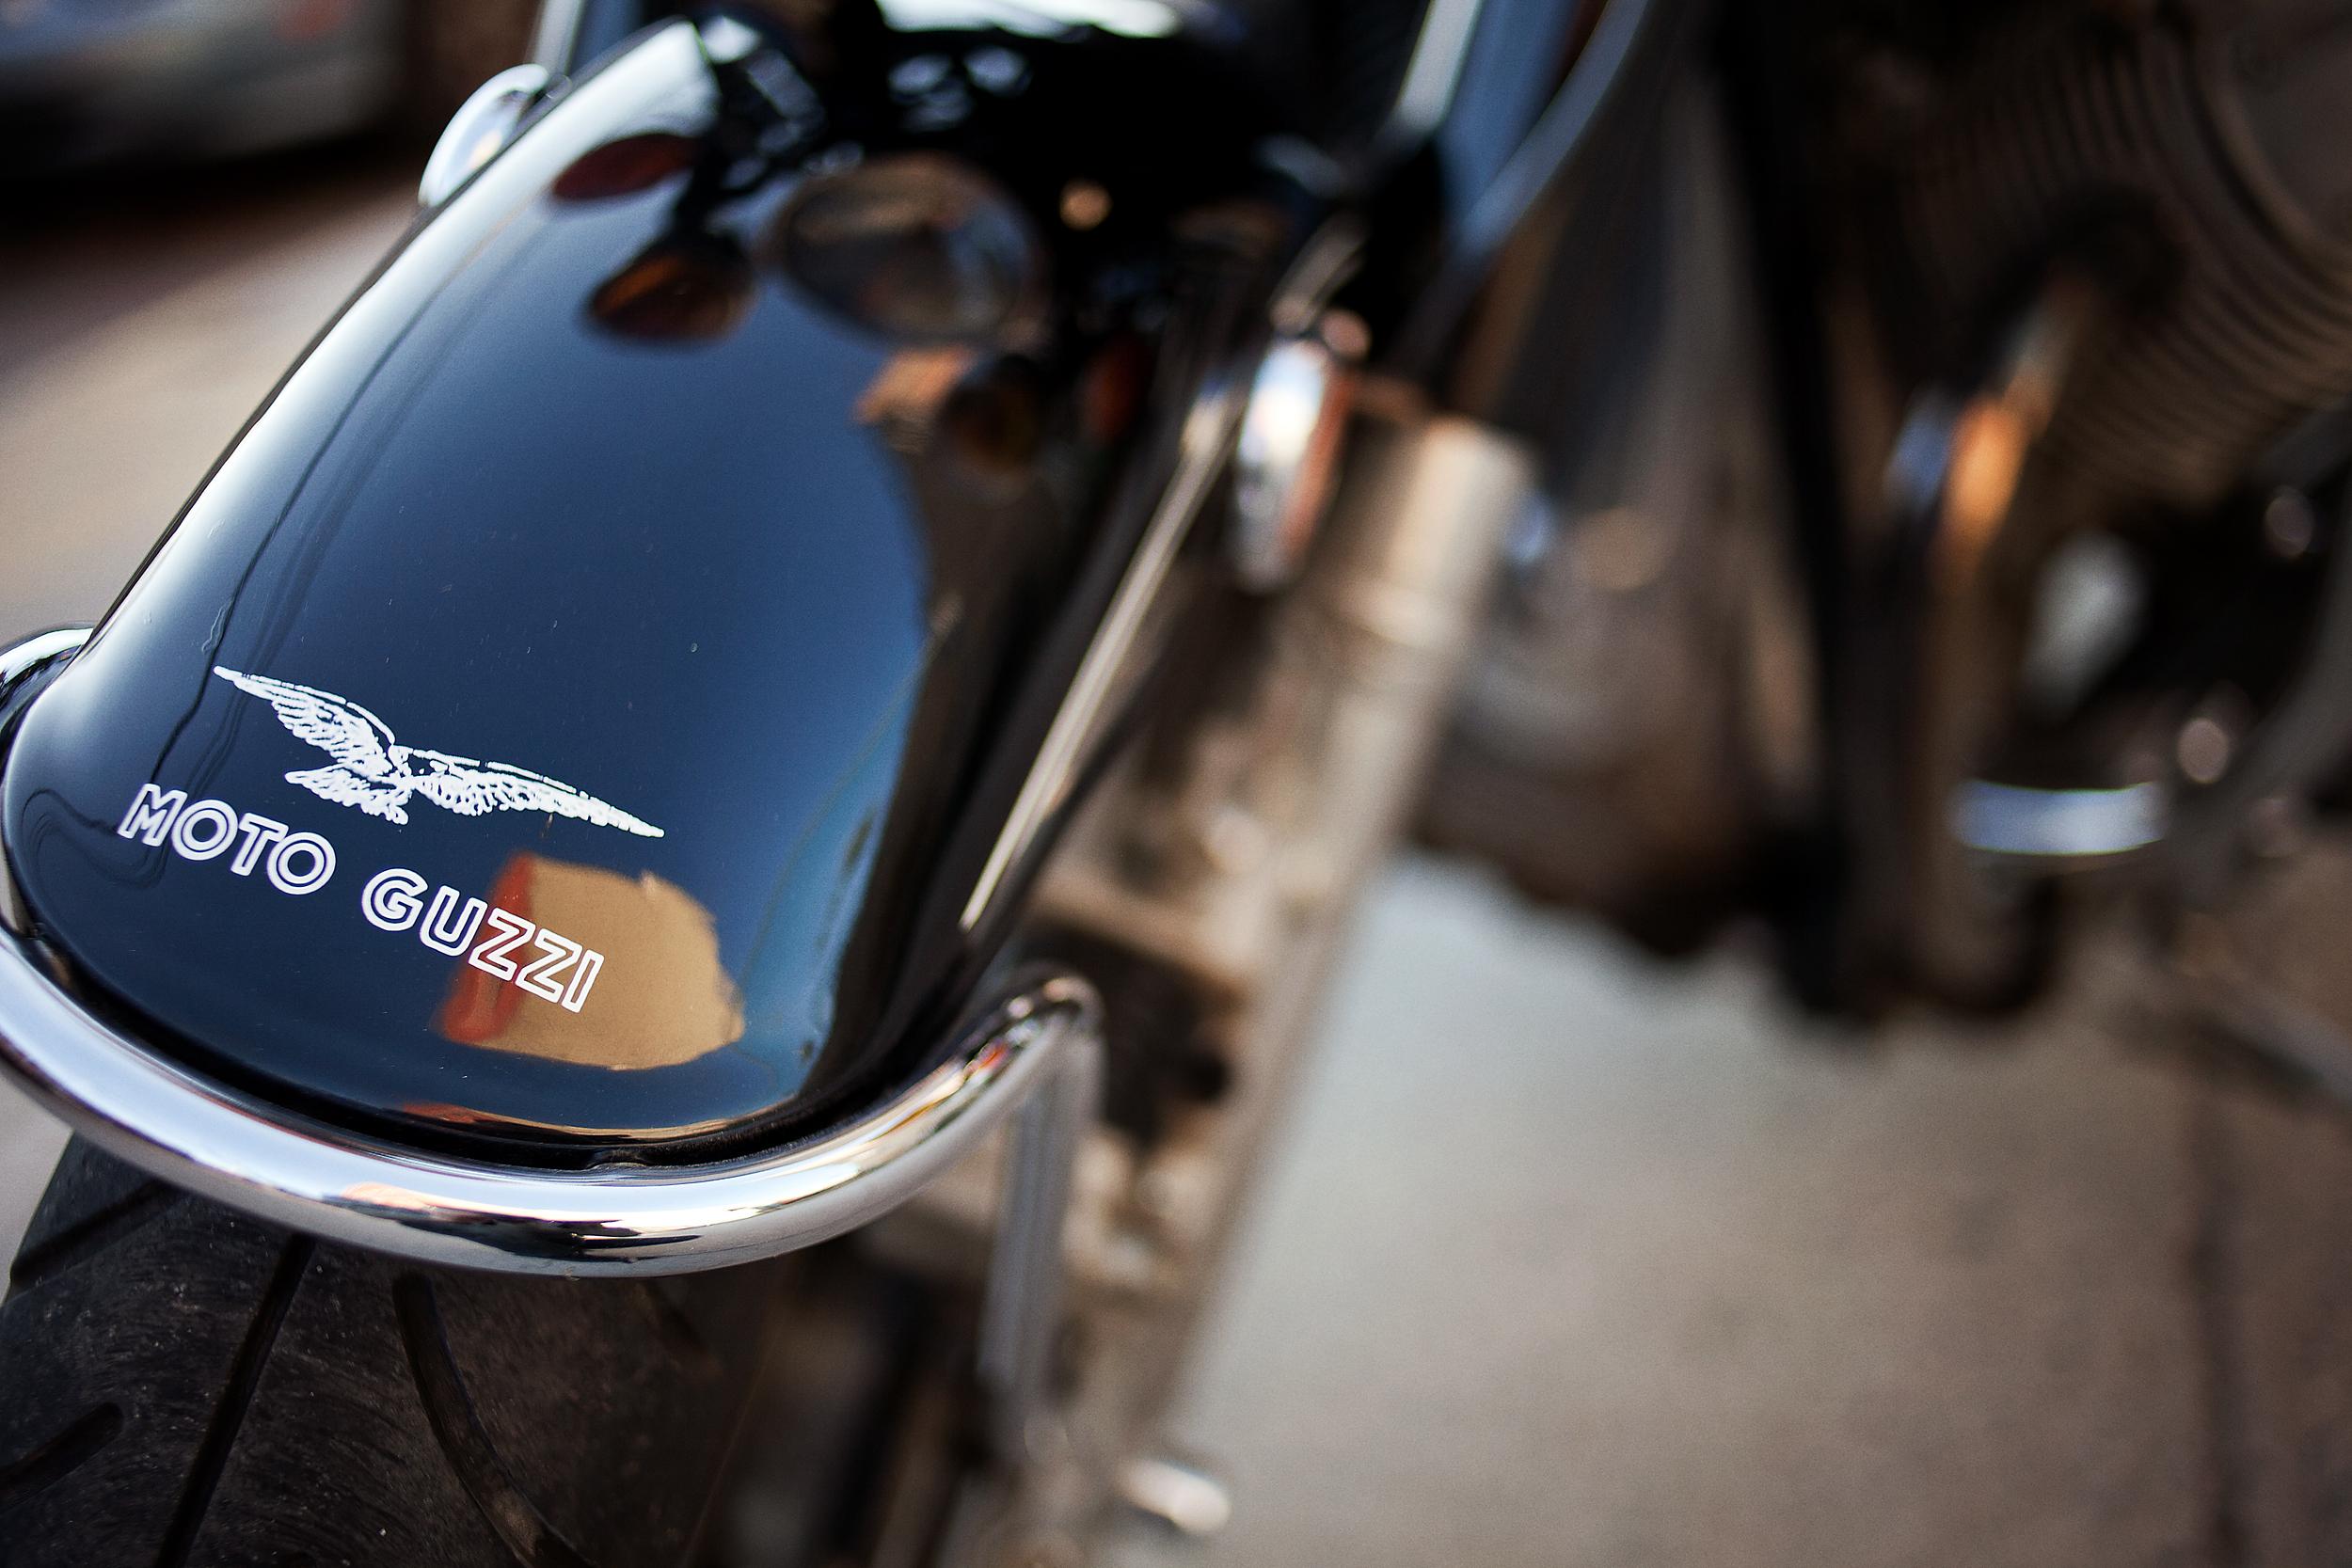 Moto Guzzi Eldorado Fender